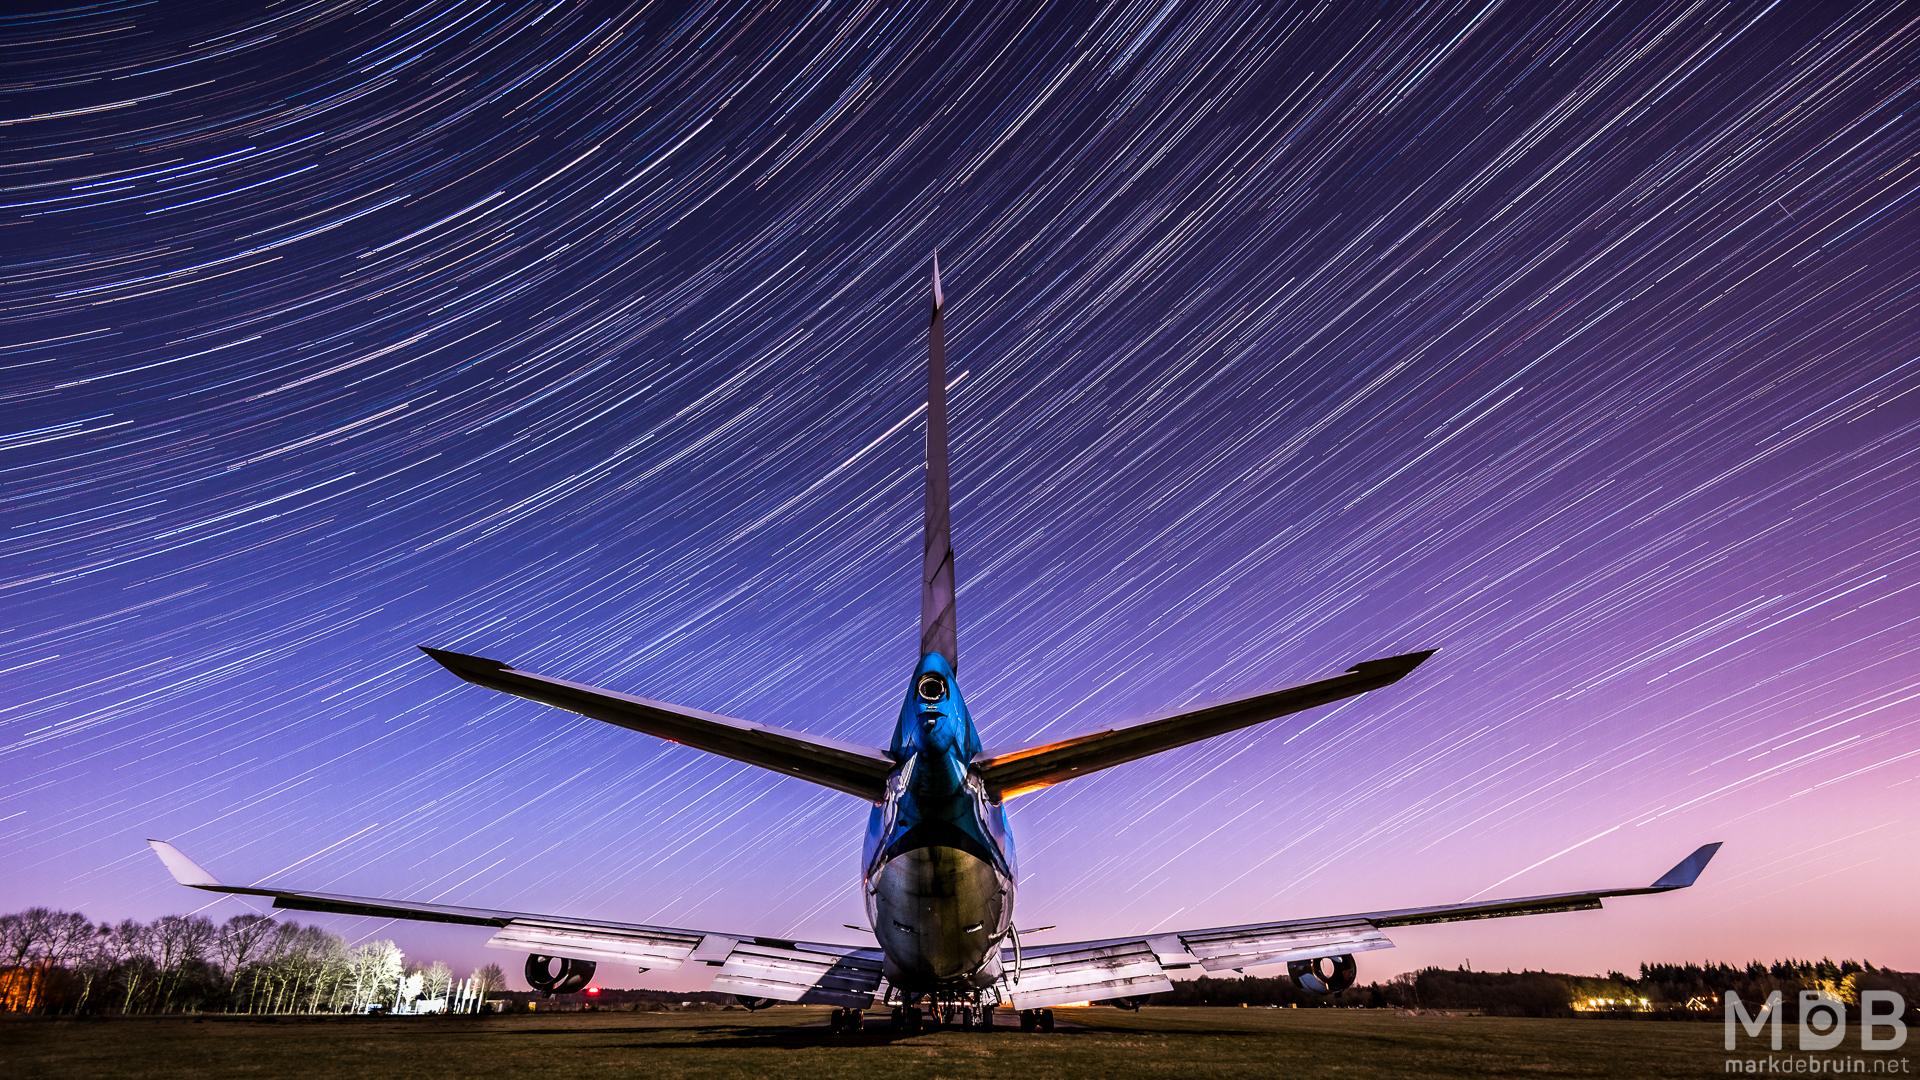 747twenteachterkant-2.jpg